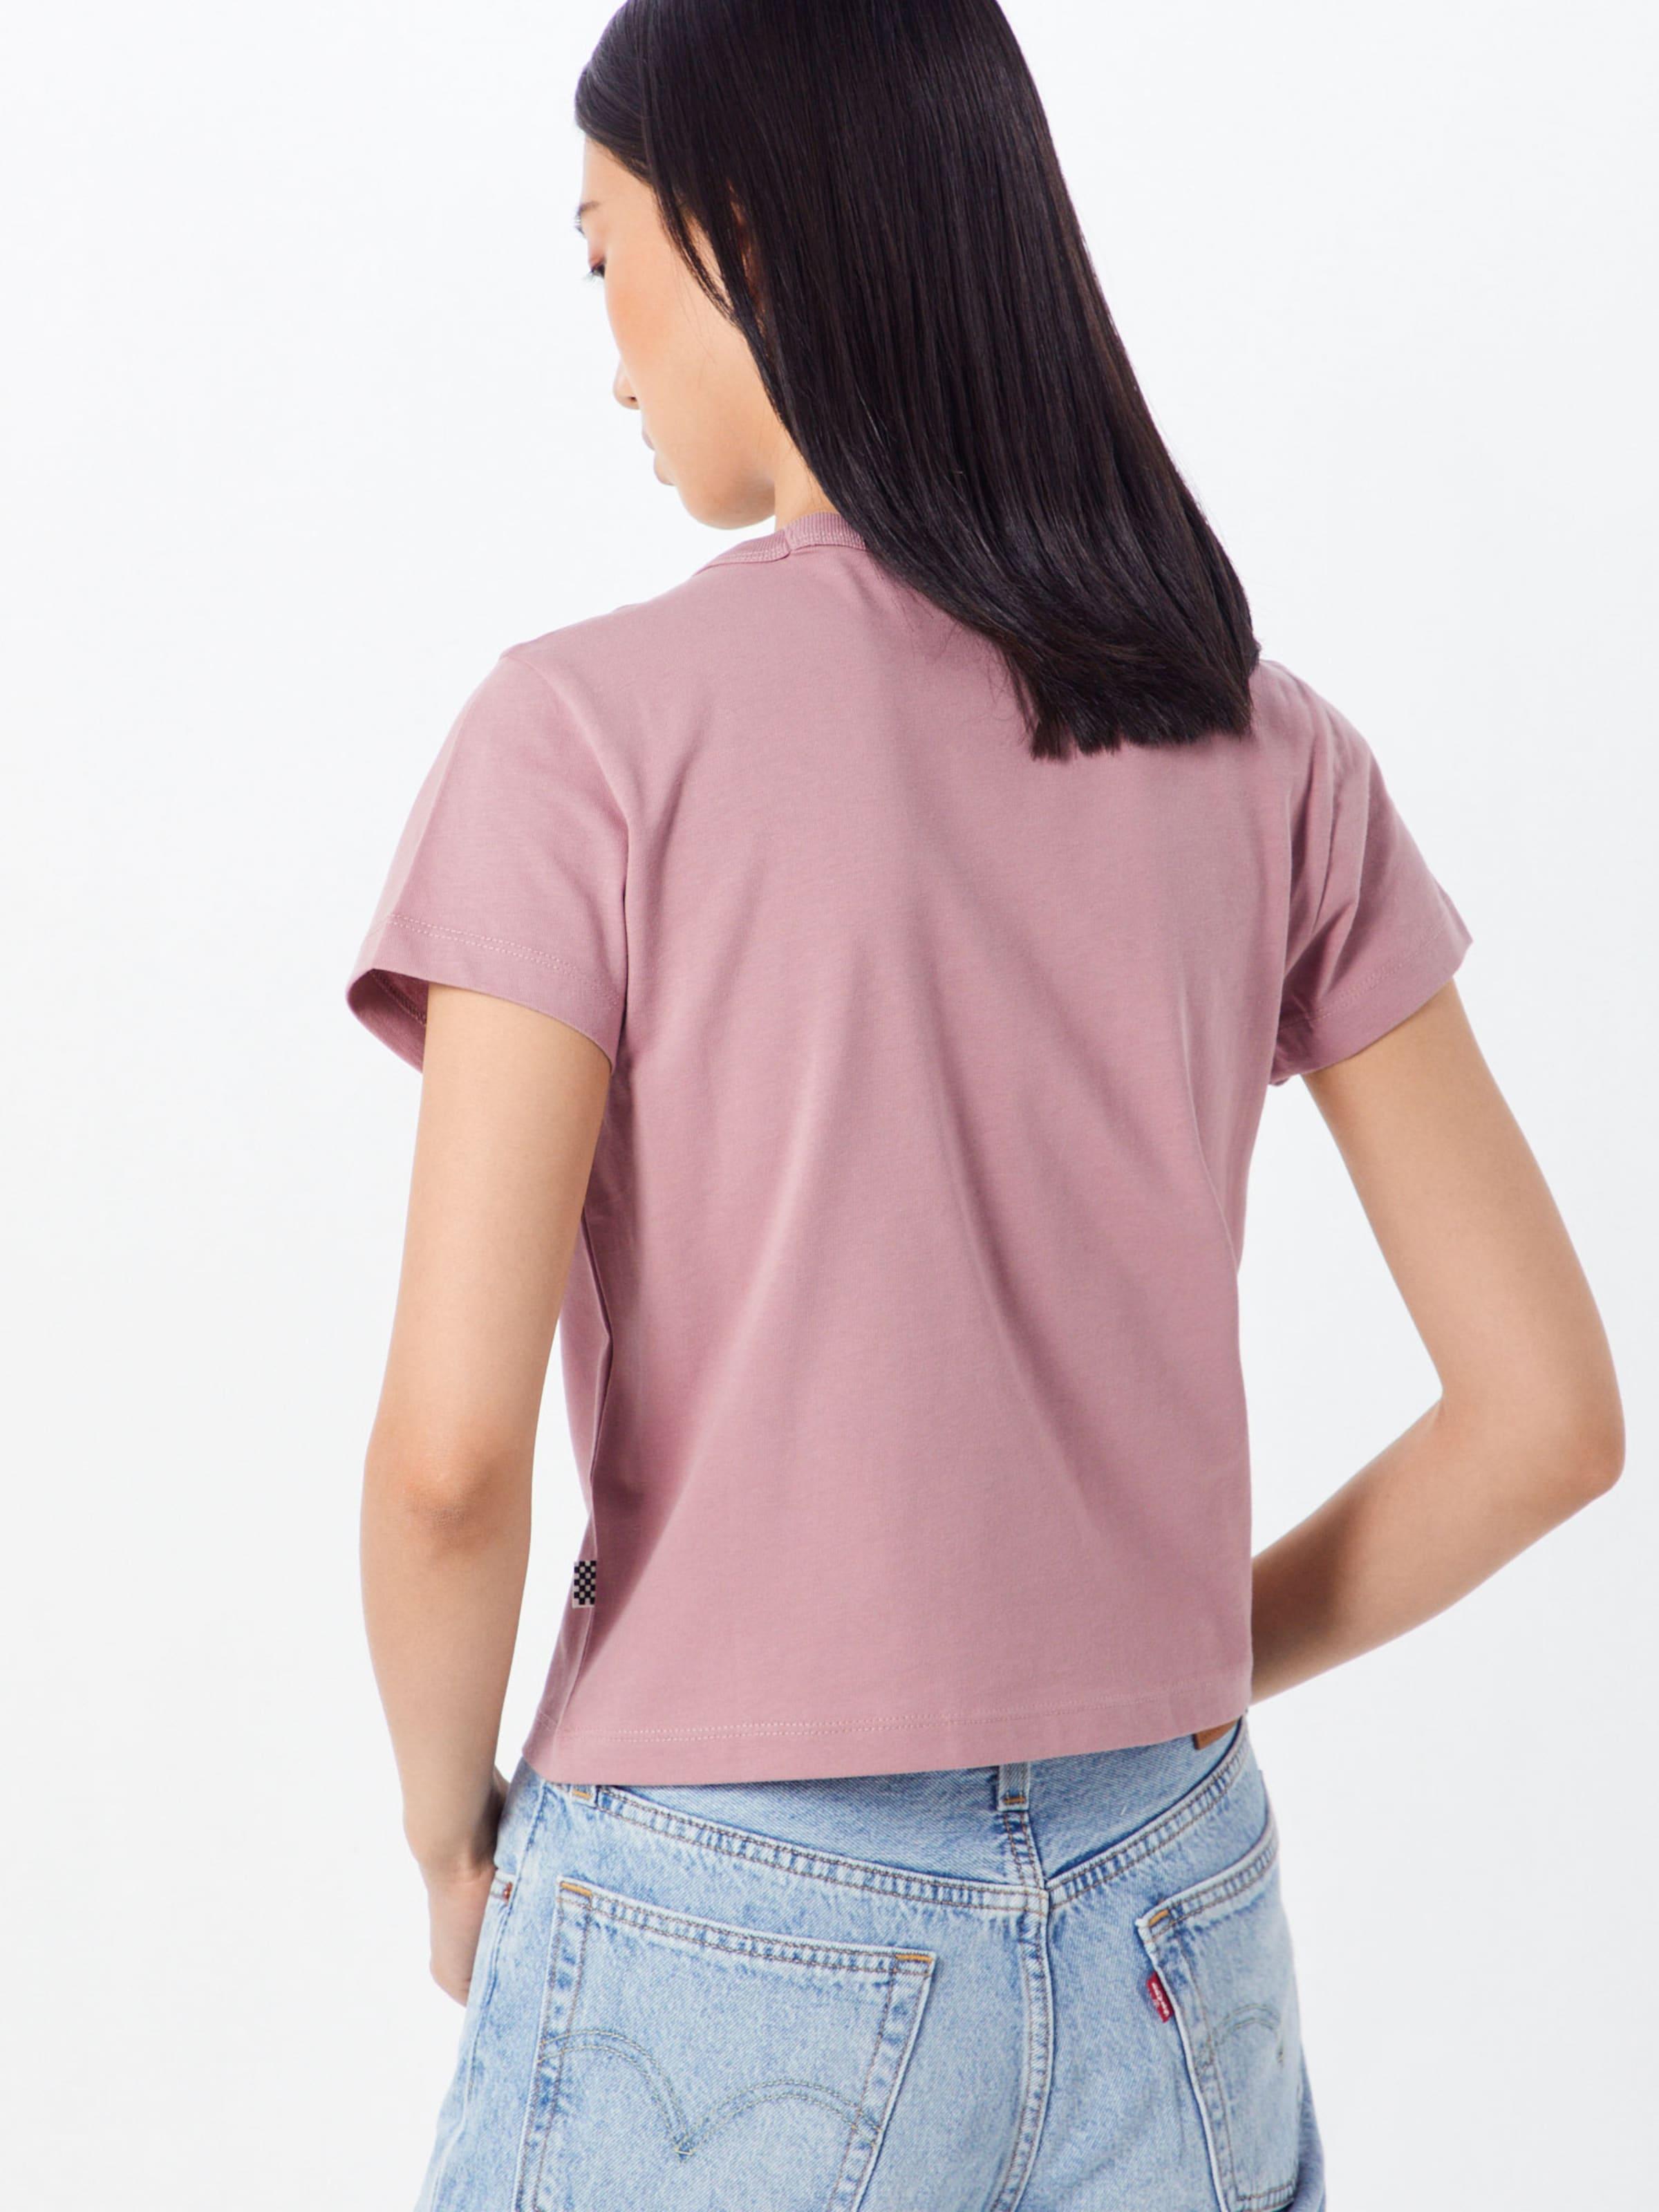 Rose Vans Vans shirt En T OkZiXuP